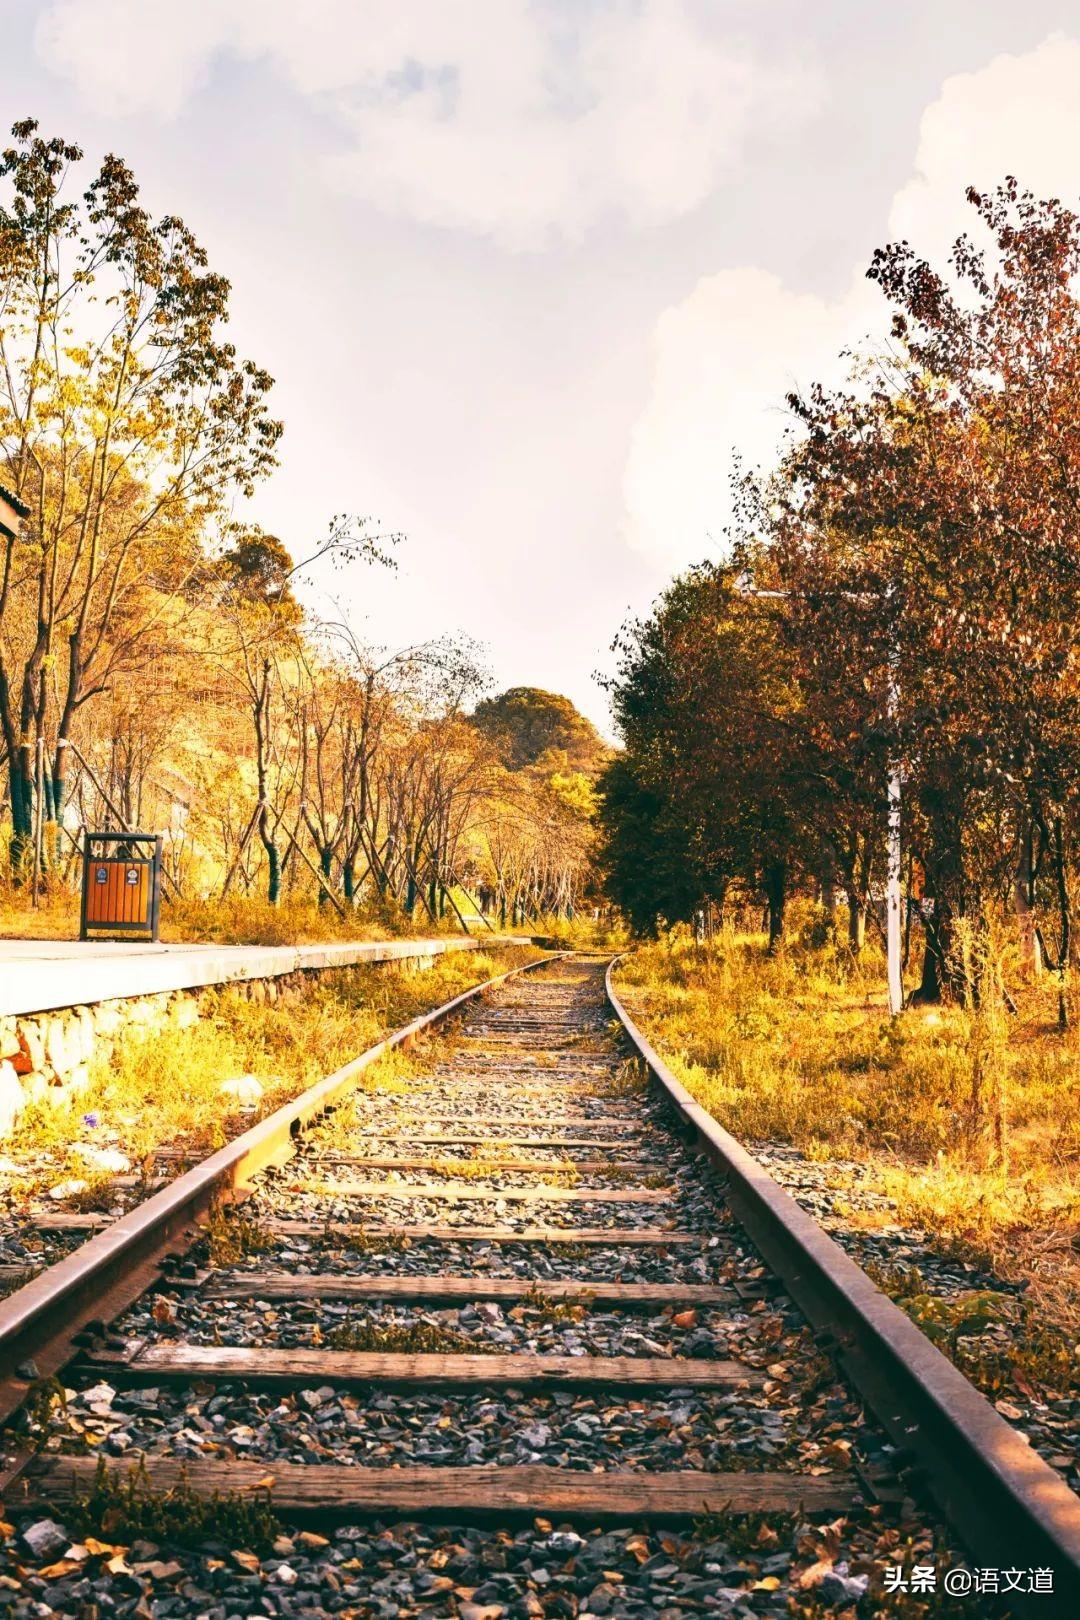 这20位诗人用30首诗词,写尽了秋天的美-第2张图片-诗句网